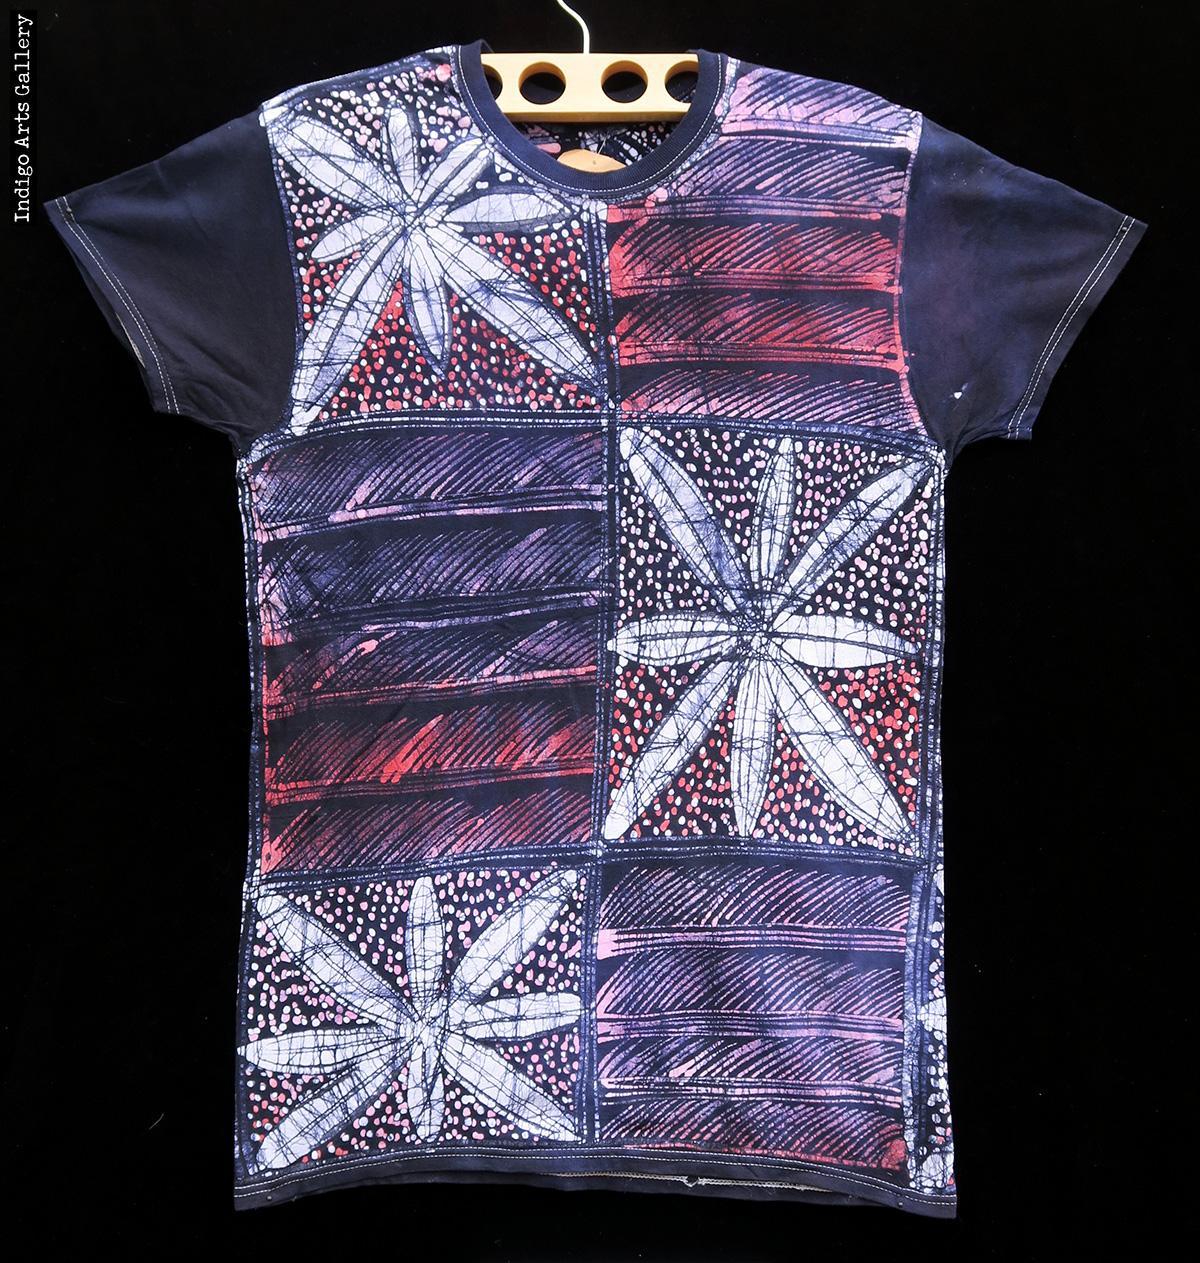 batik t shirt by gasali adeyemo indigo arts. Black Bedroom Furniture Sets. Home Design Ideas